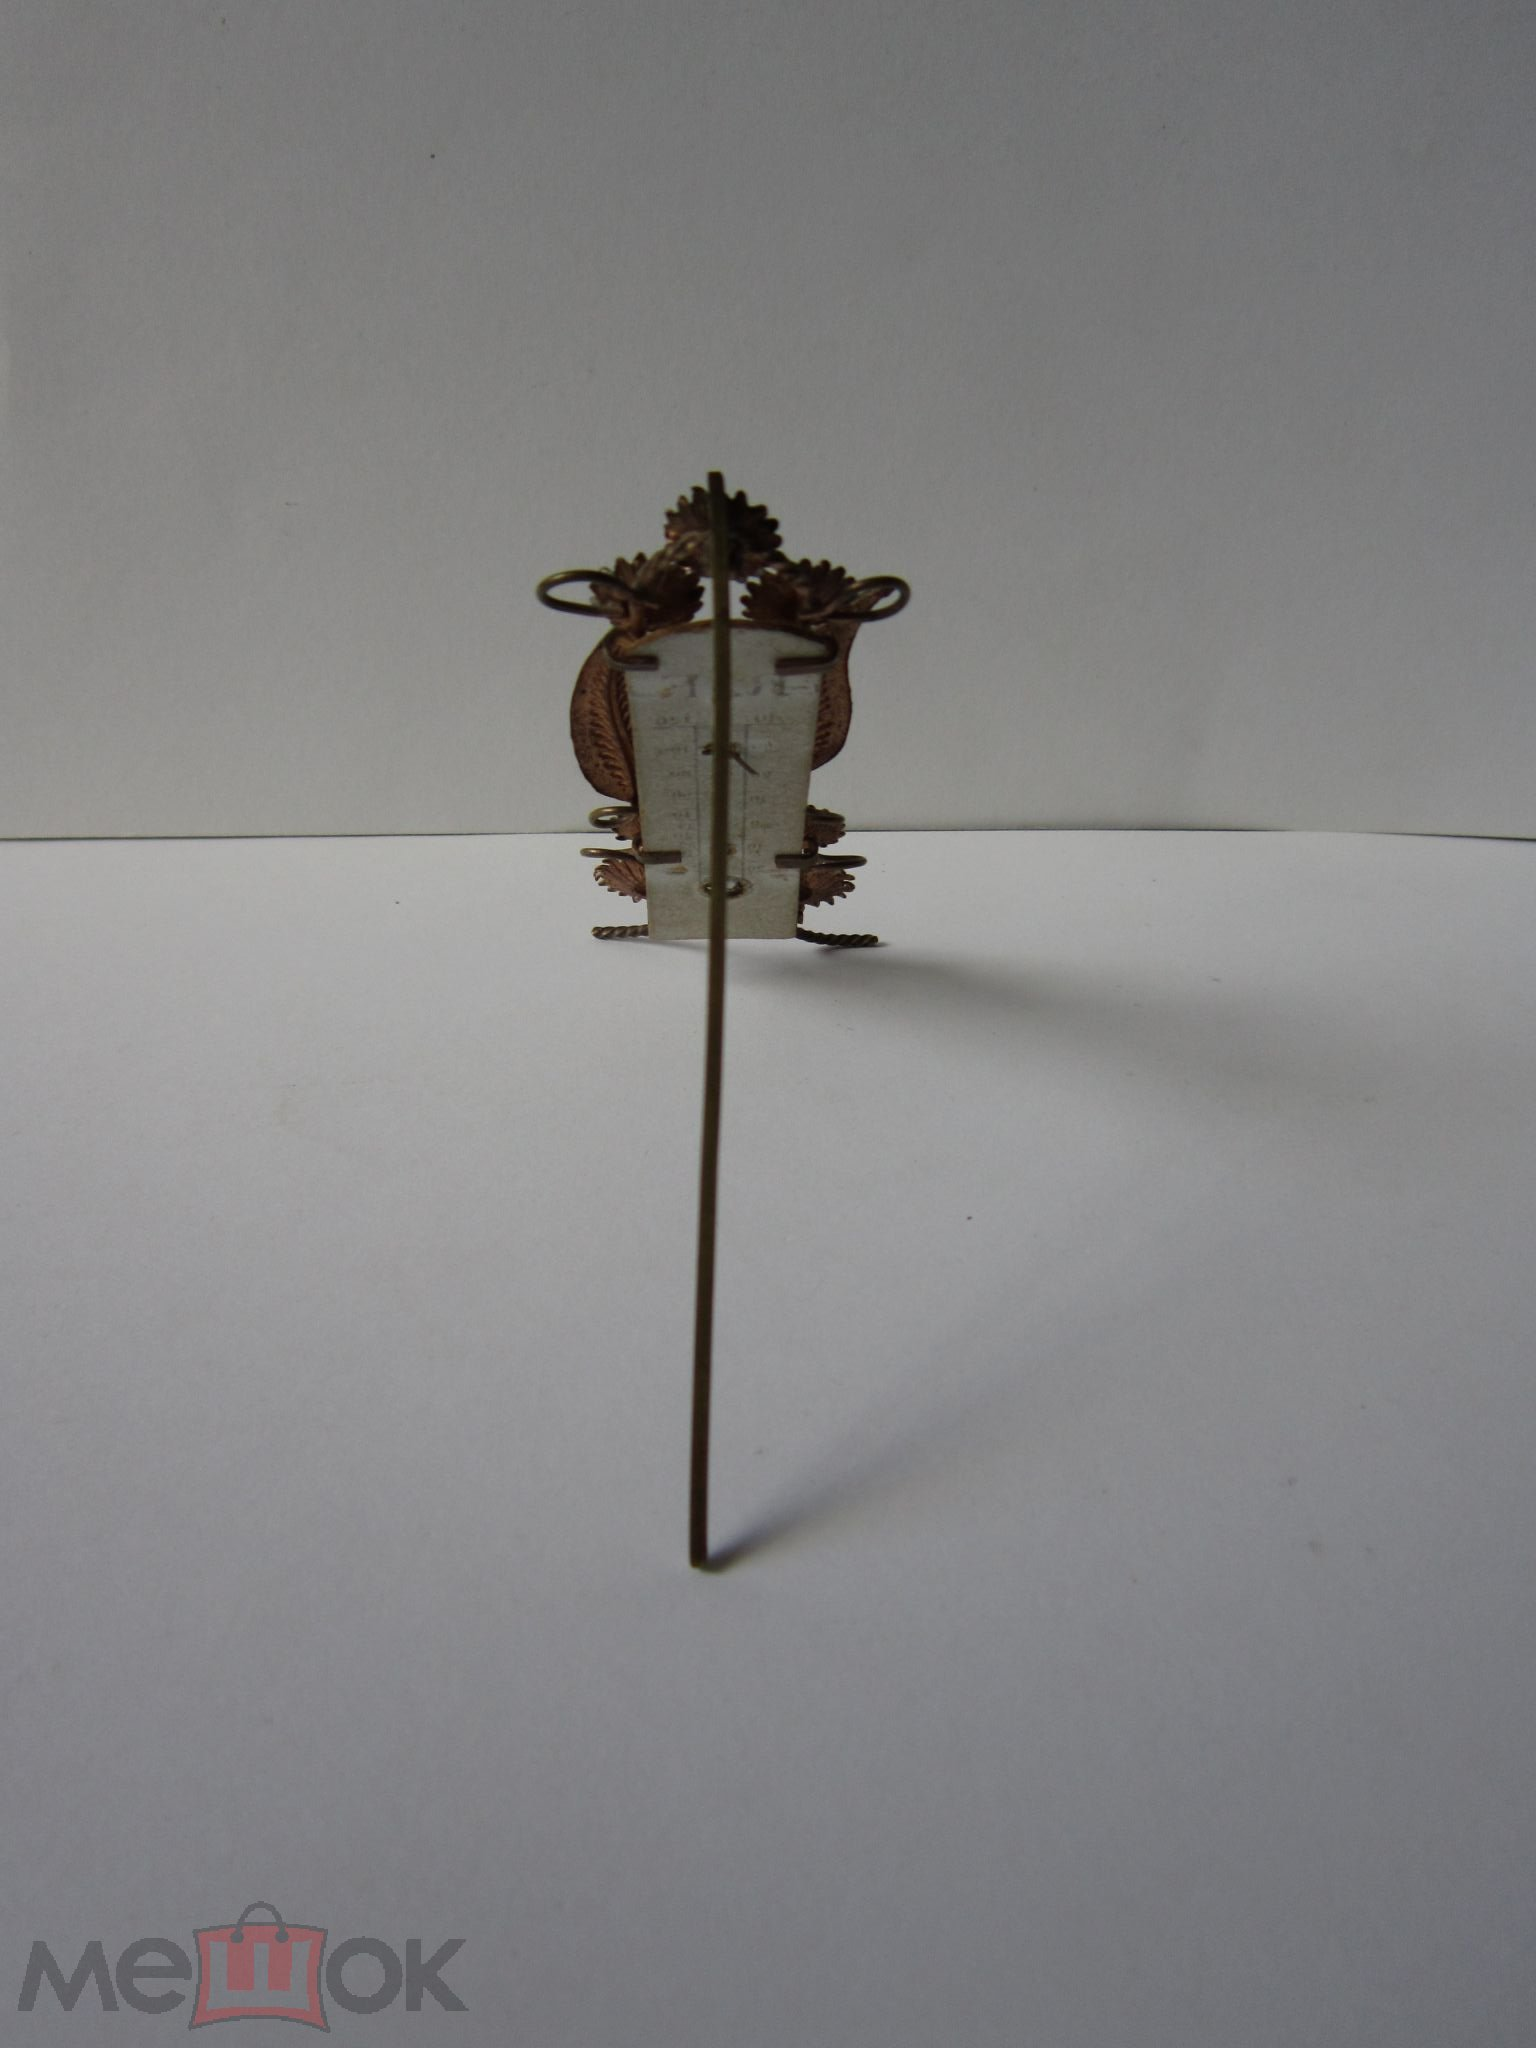 Антикварный комнатный настольный ртутный термометр. Шкала Реомюра и Фаренгейта. Кон 19 нач. 20 века.